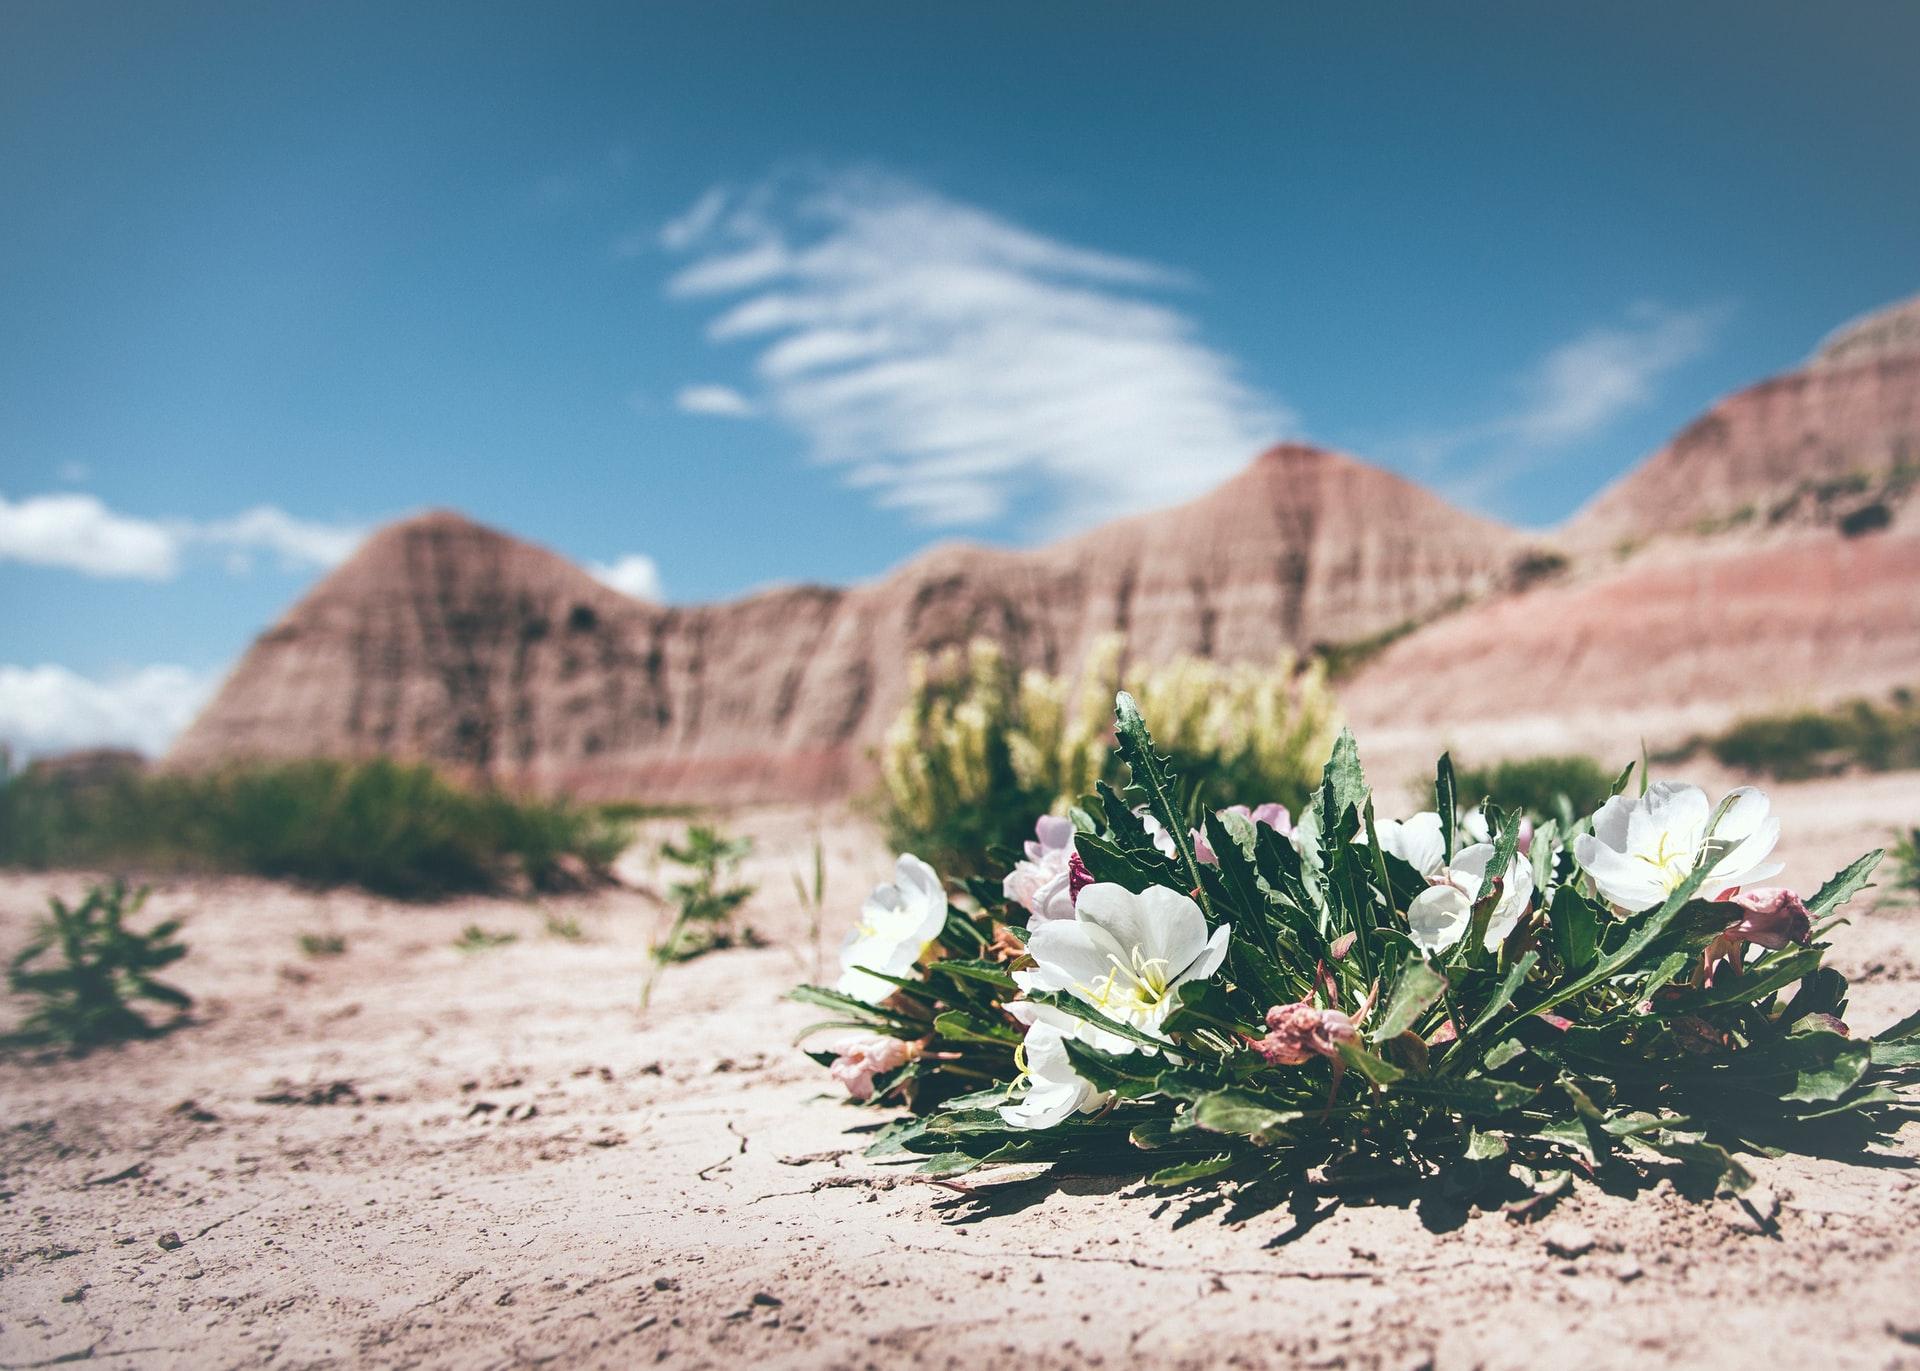 砂漠化への取り組みと対策